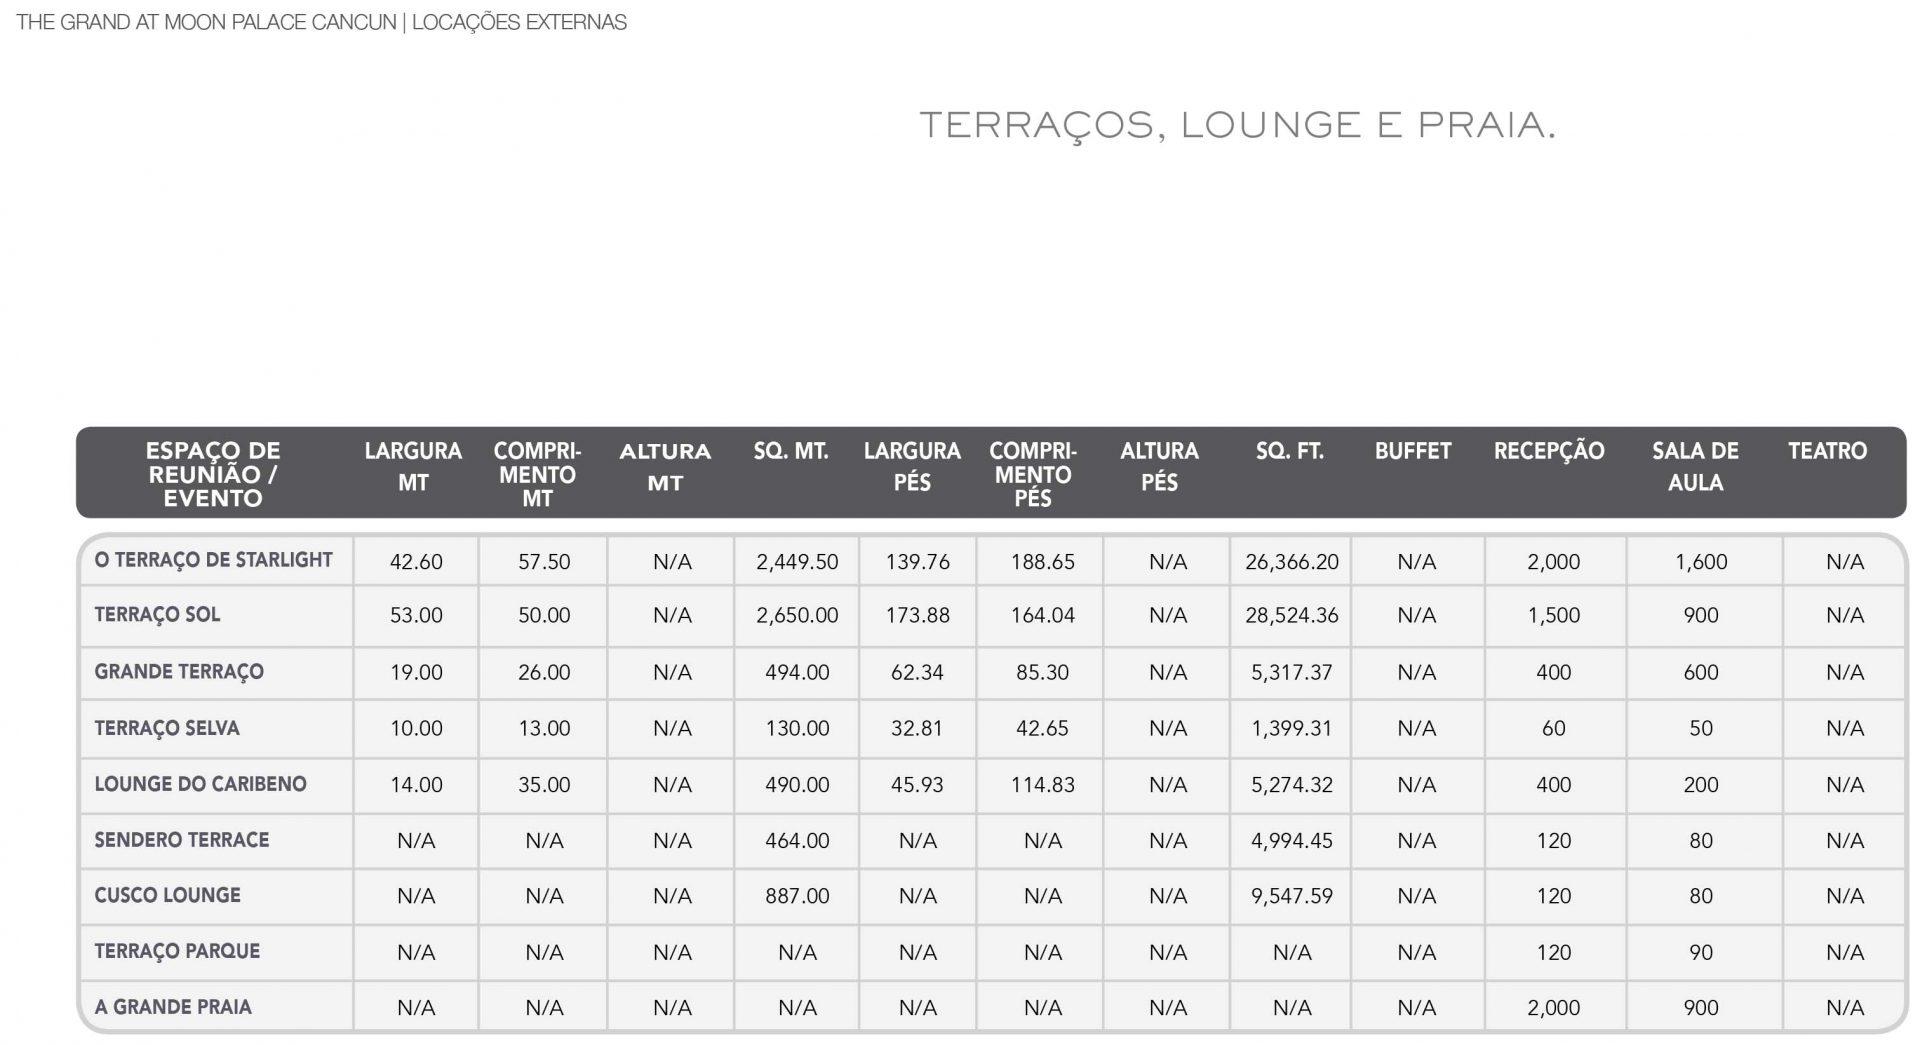 Informações técnicas dos terraços + lounge + praia do The Grand at Moon Palace